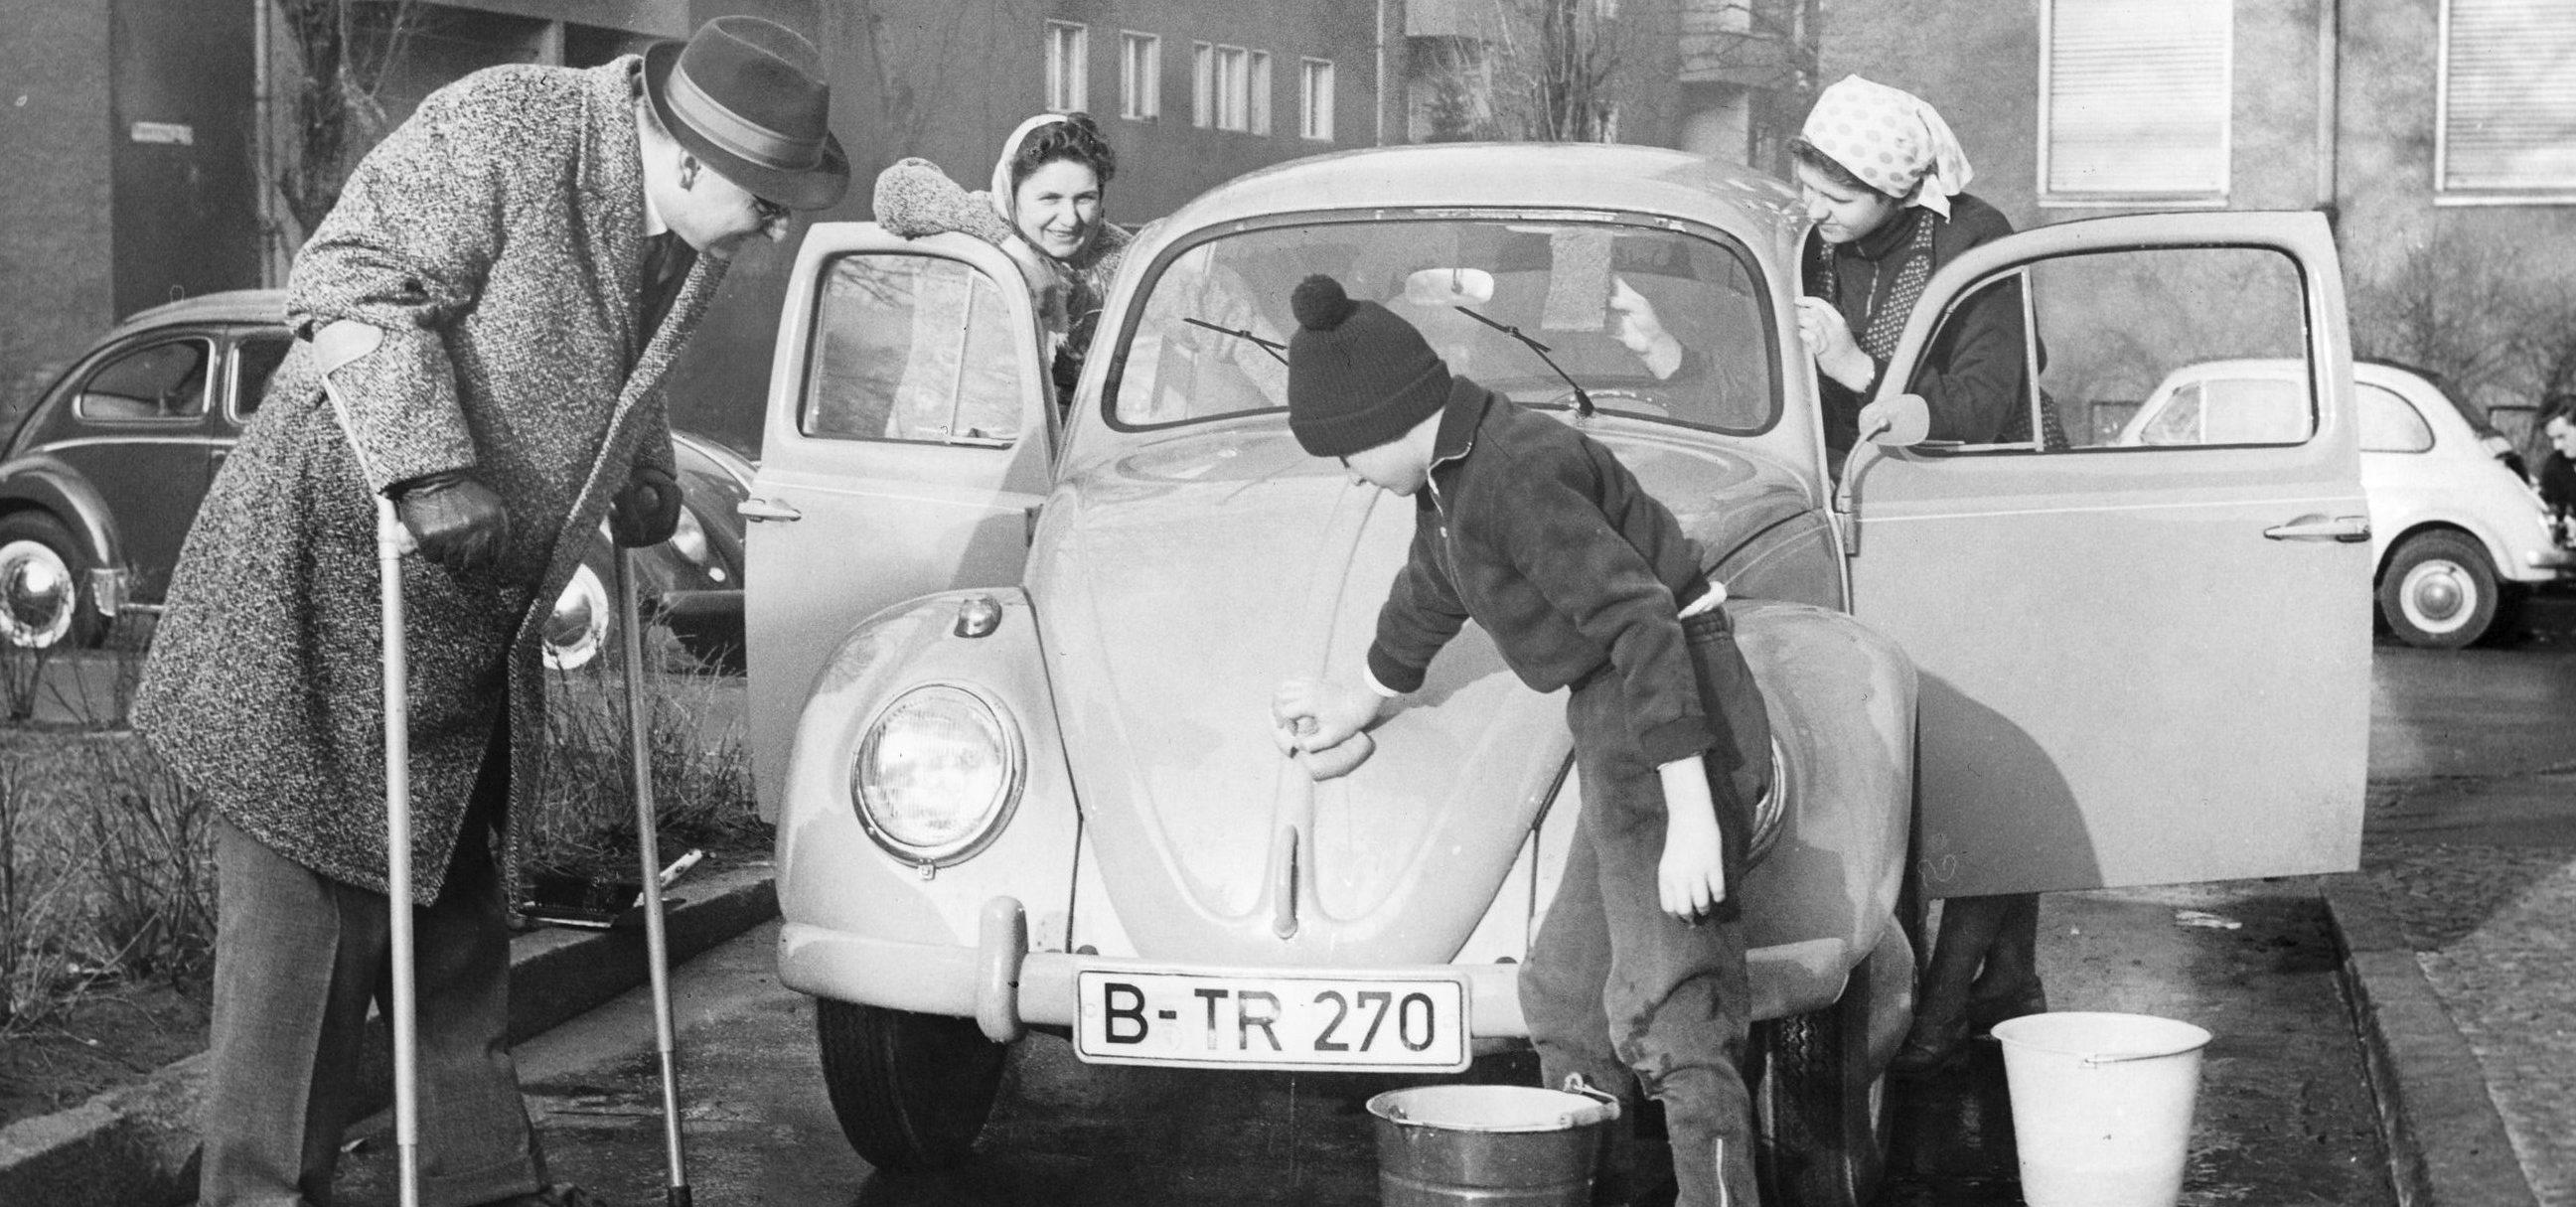 Unsere 60er Jahre - Wie wir wurden, was wir sind